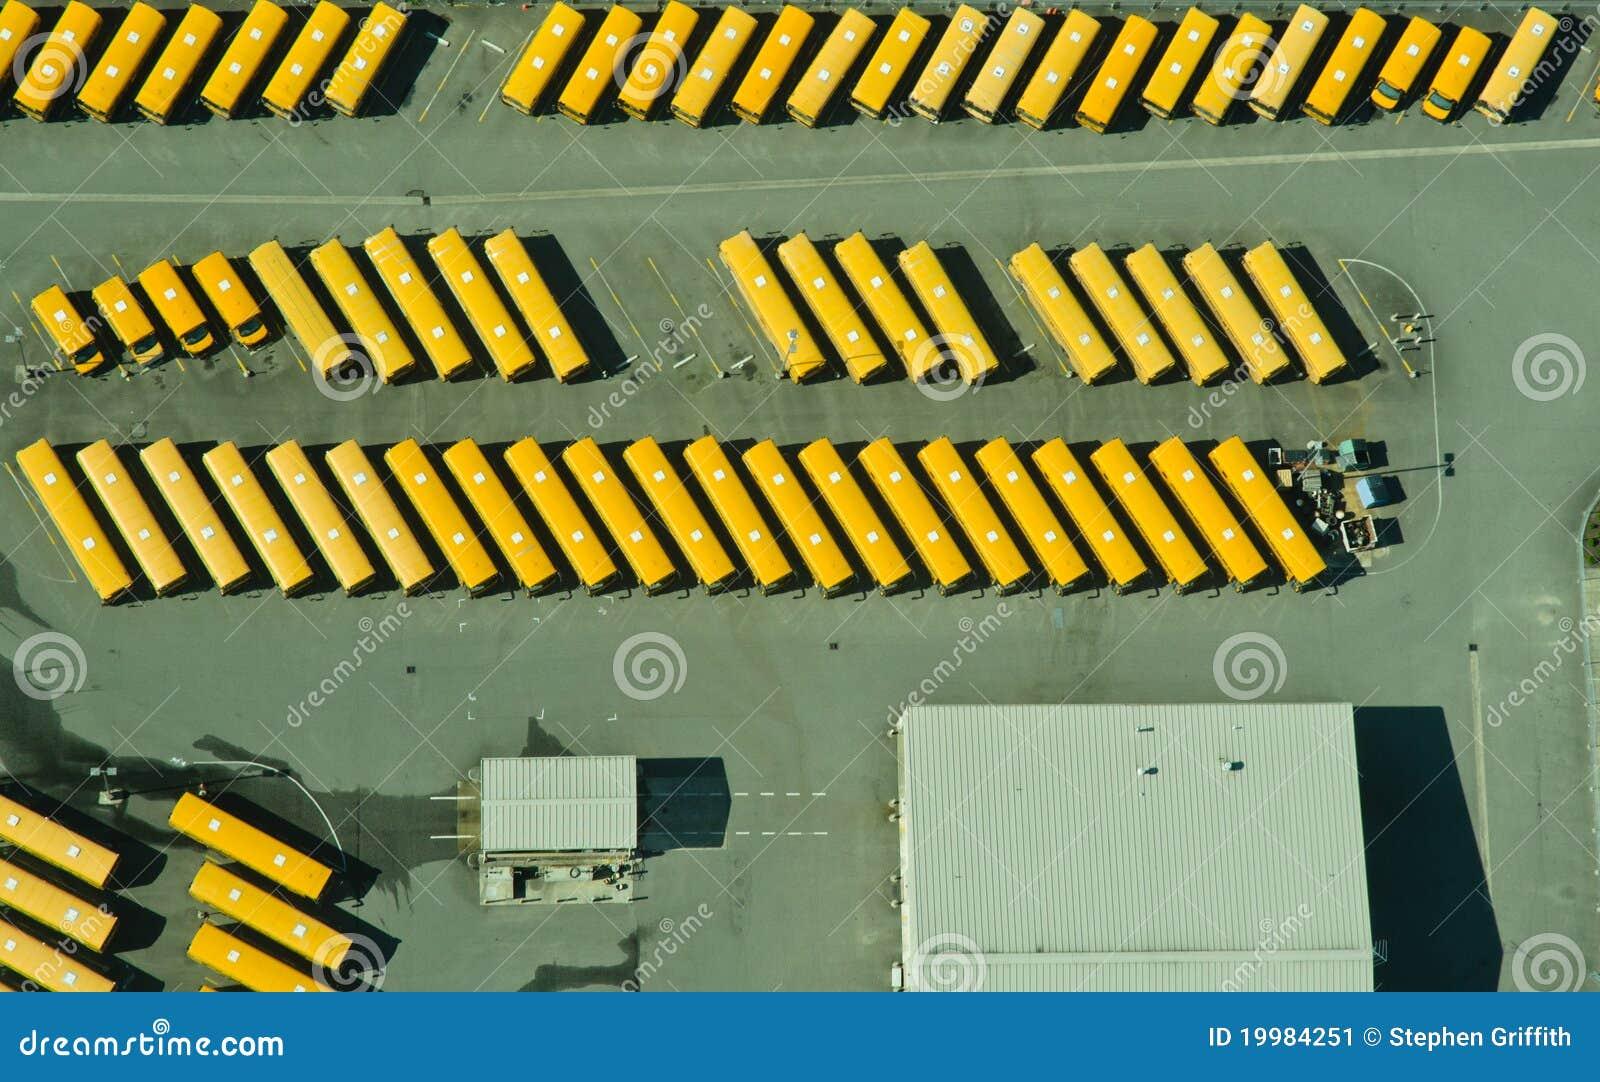 Abstract Aerial View O... Subway Vector